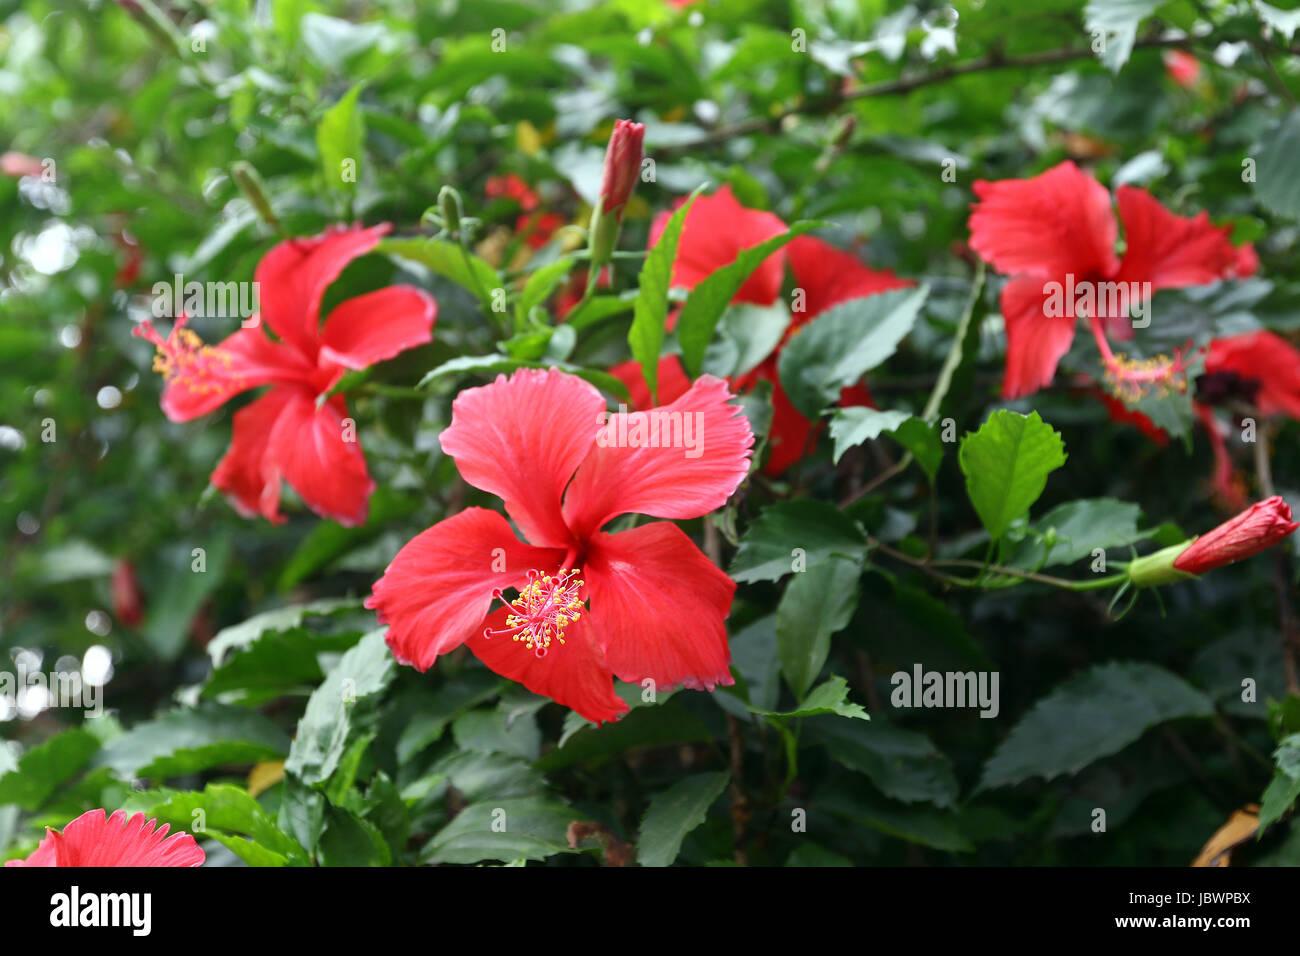 Red hibiscus flower hibiscus rosa sinensis stock photo 145010542 red hibiscus flower hibiscus rosa sinensis izmirmasajfo